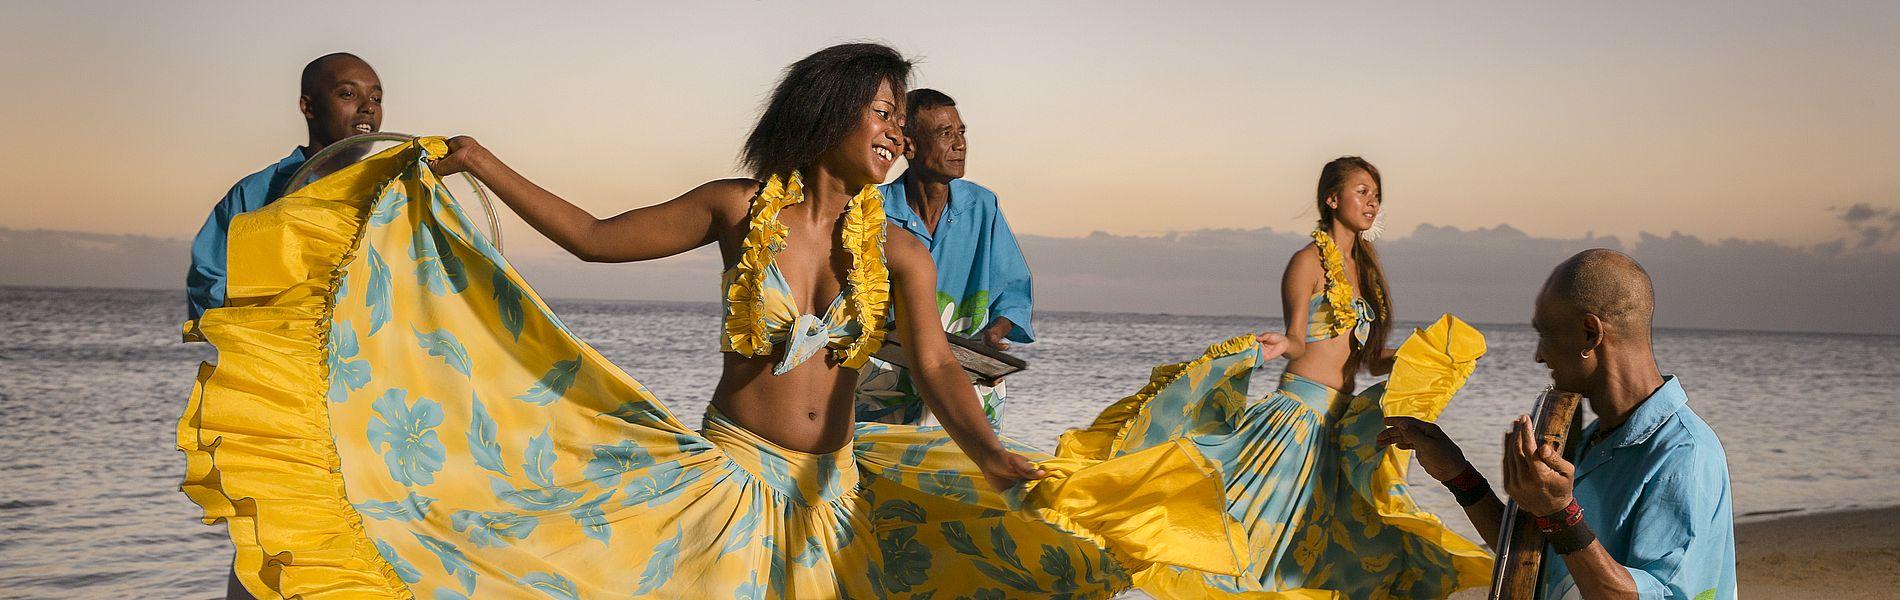 Sega-Tänzer und Musiker am Strand, Mauritius